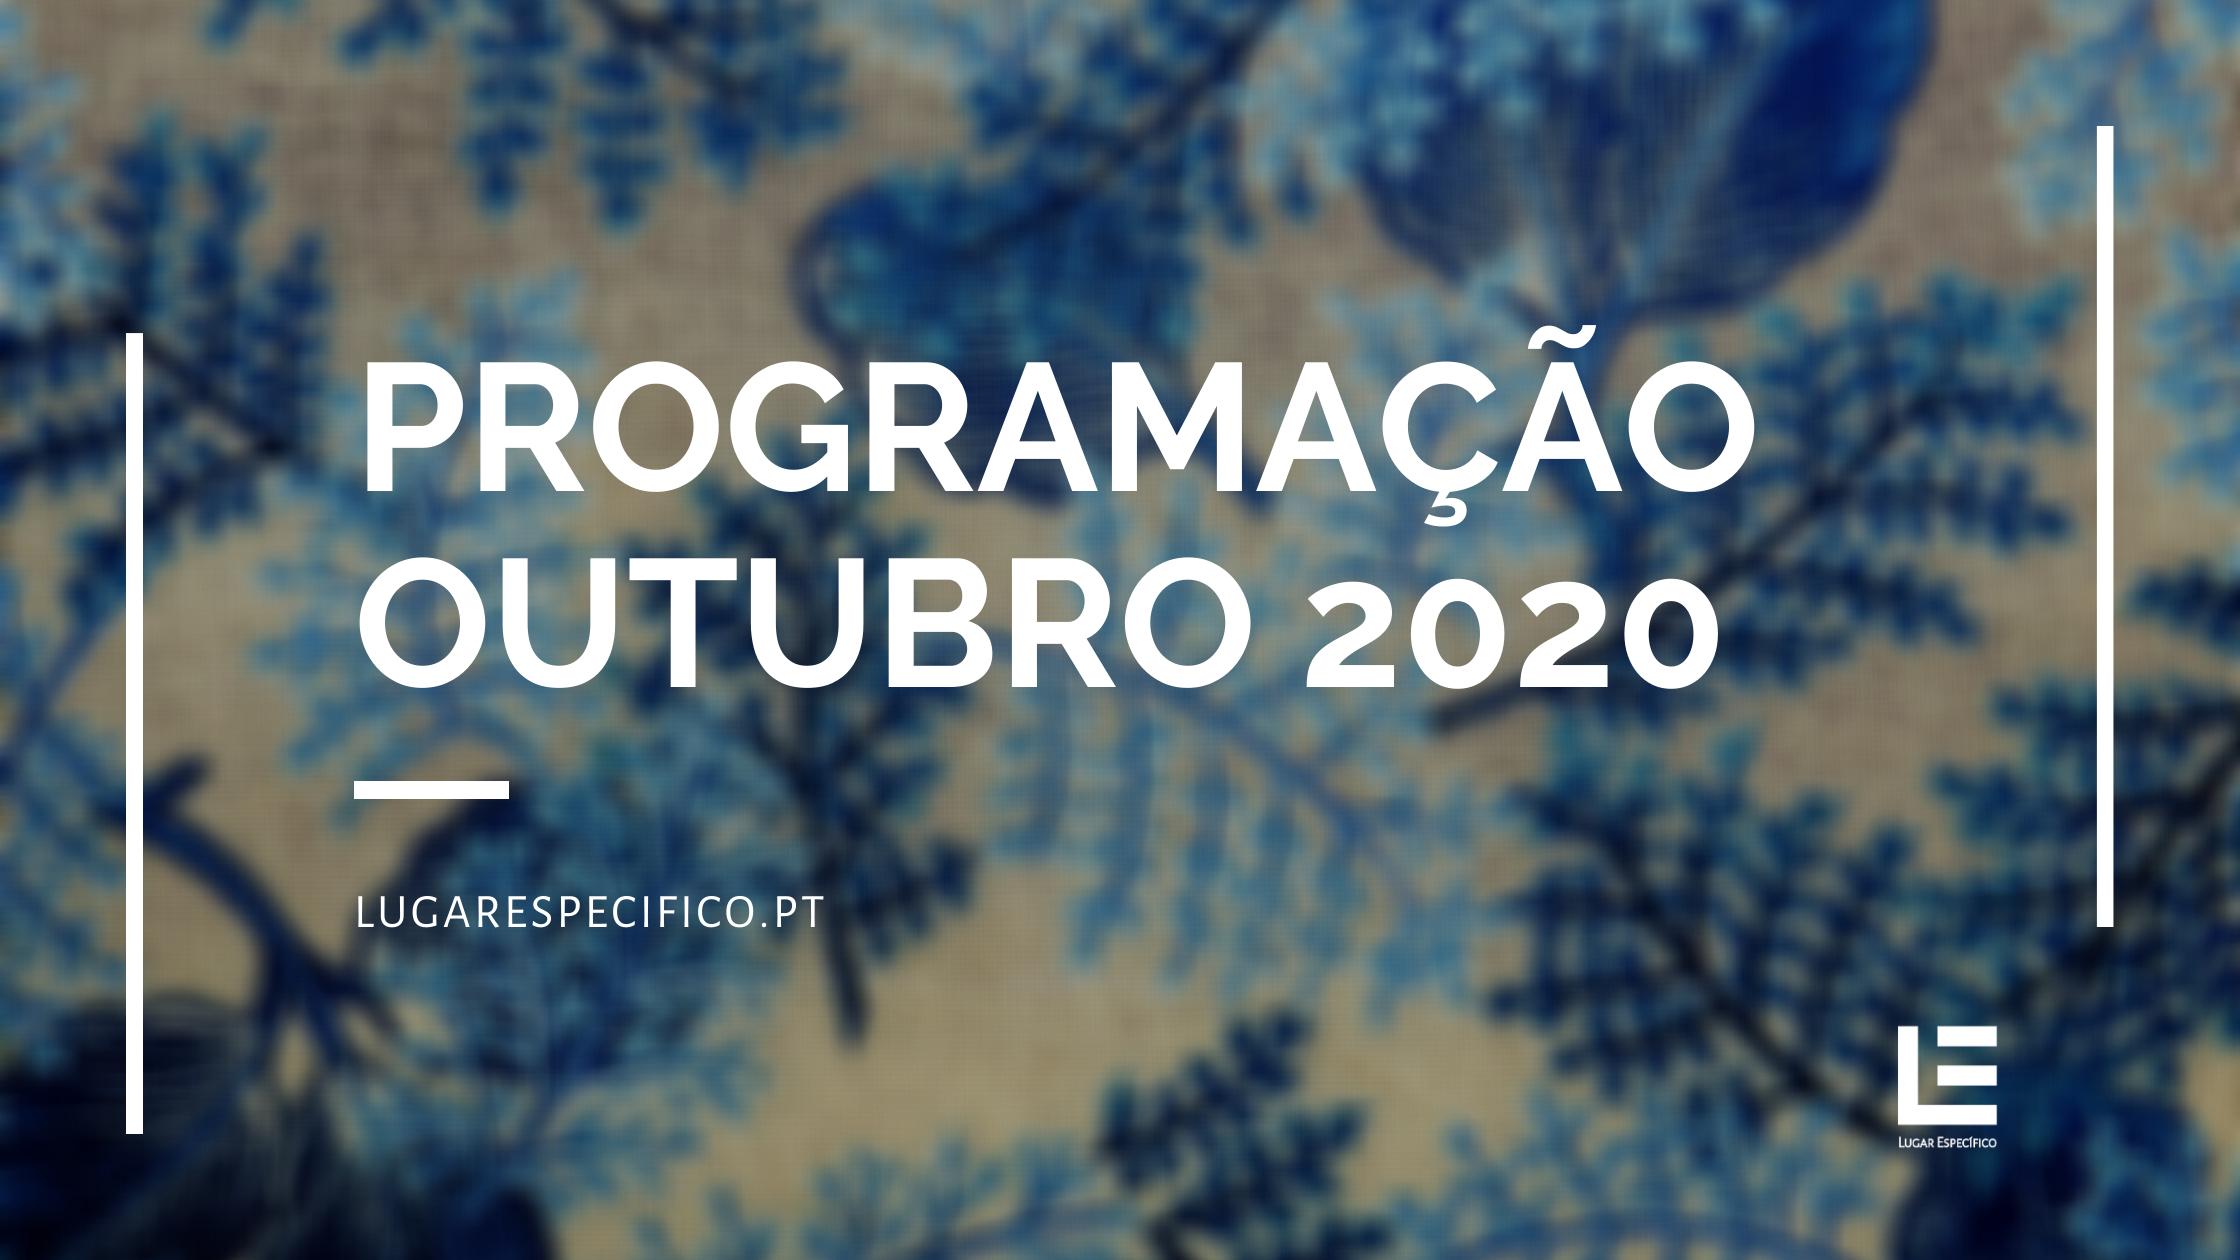 AGENDA ESPECÍFICA – Programação Outubro 2020